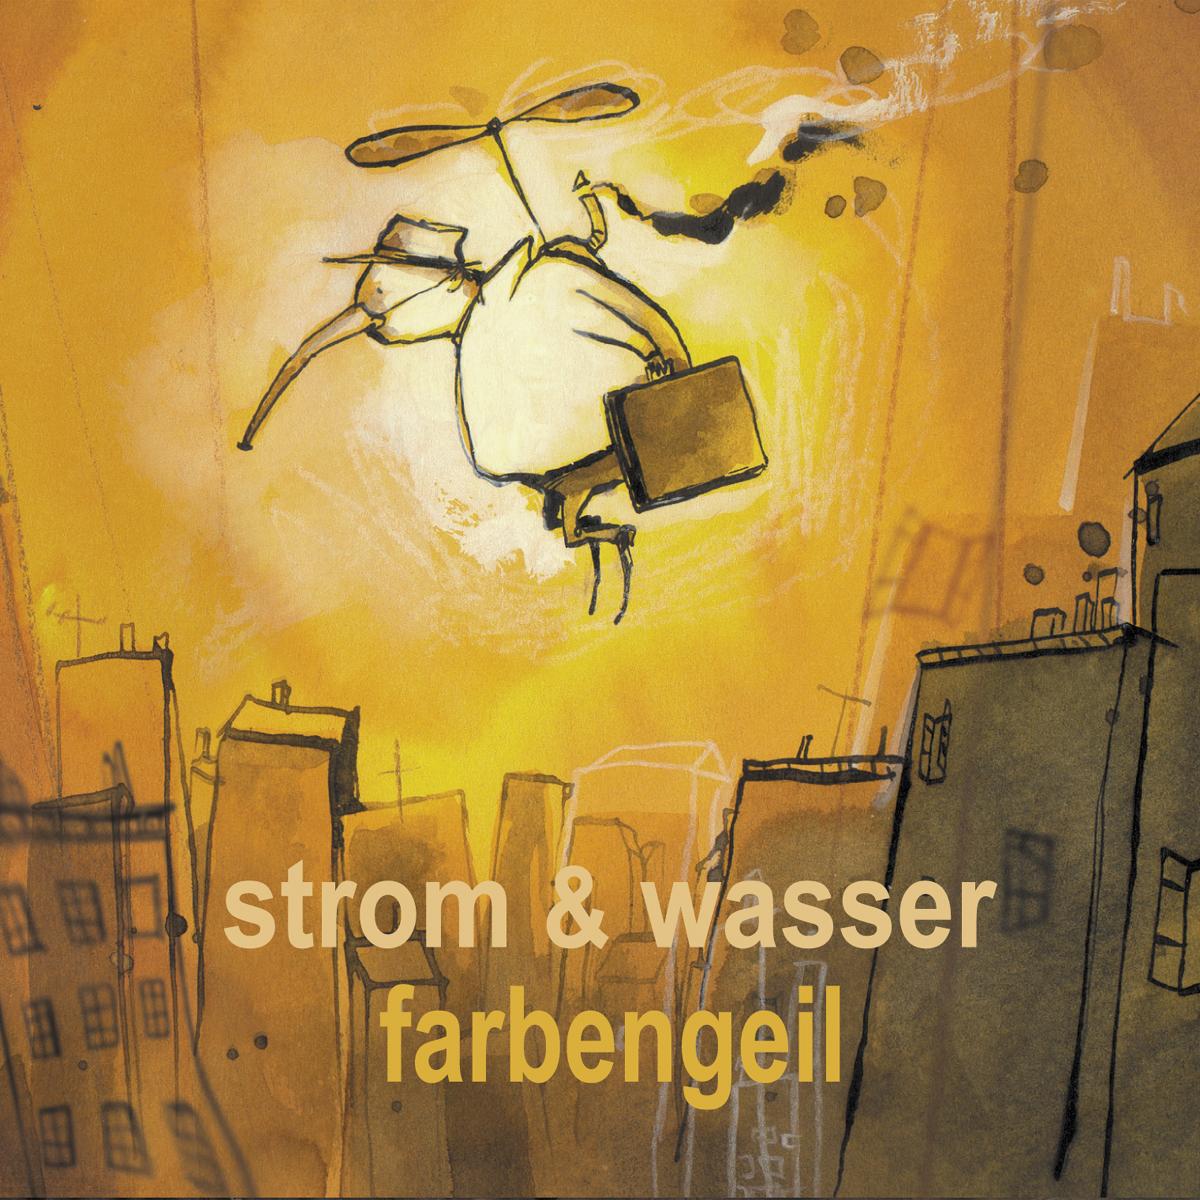 Strom & Waser - Farbengeil